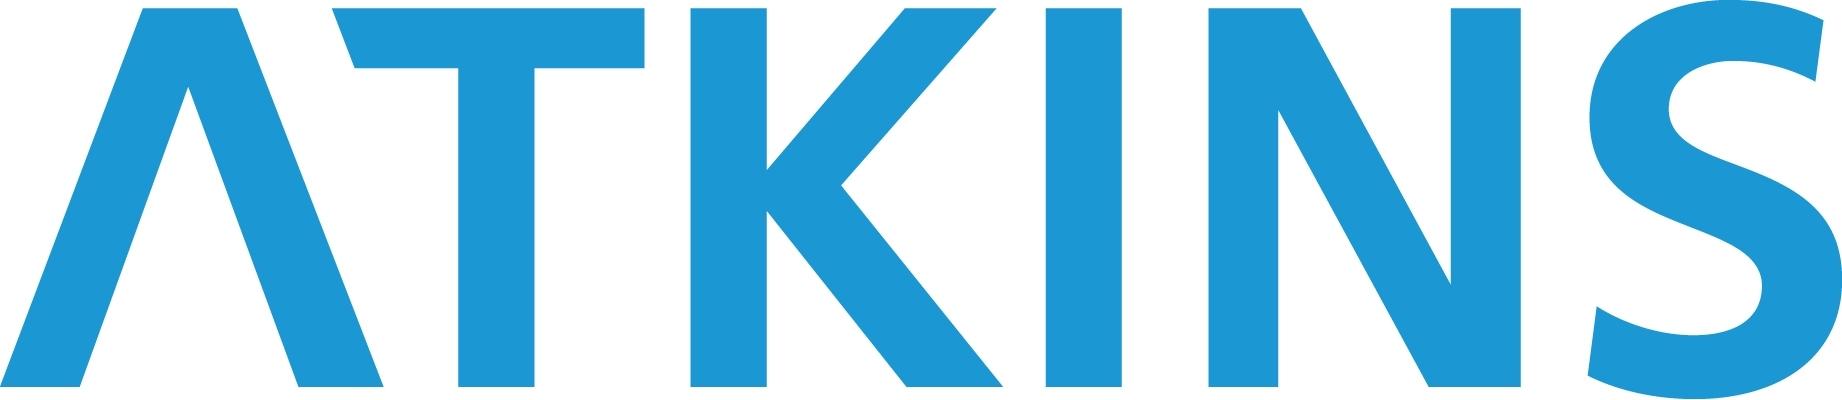 Atkins logo